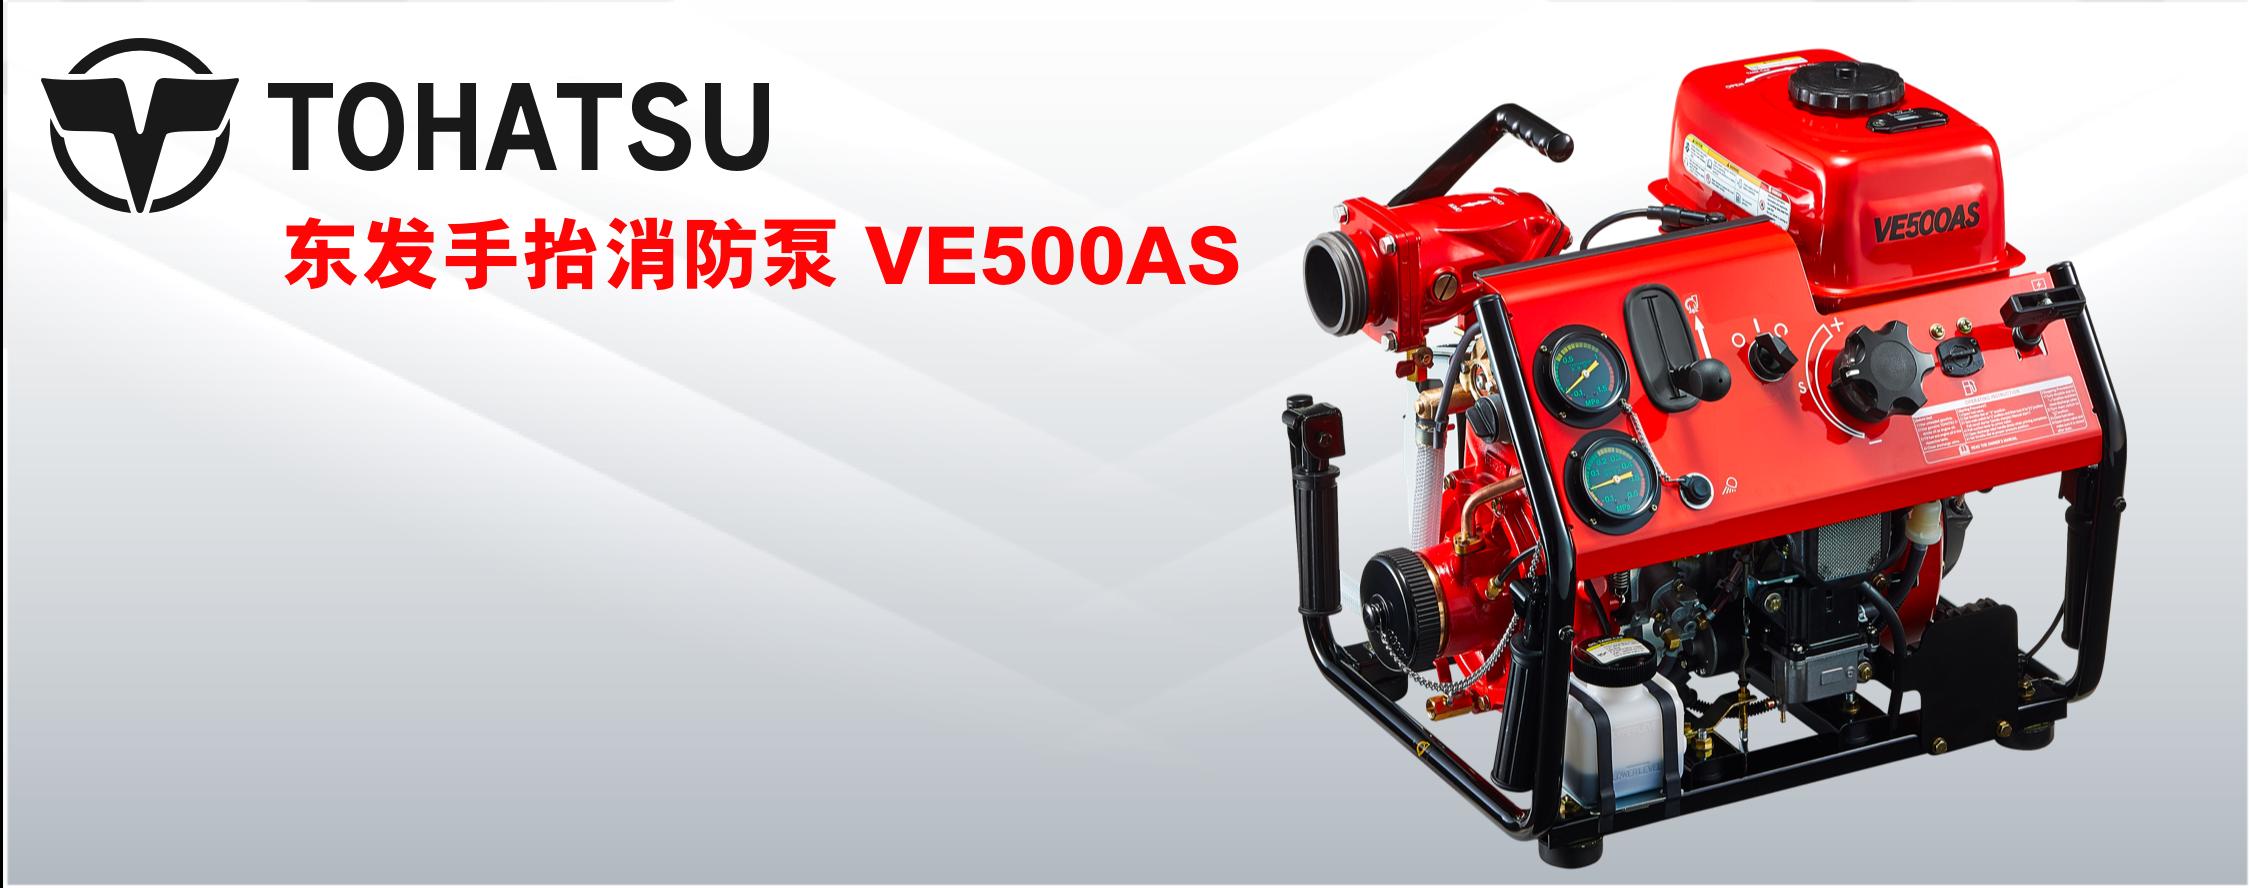 VE500AS